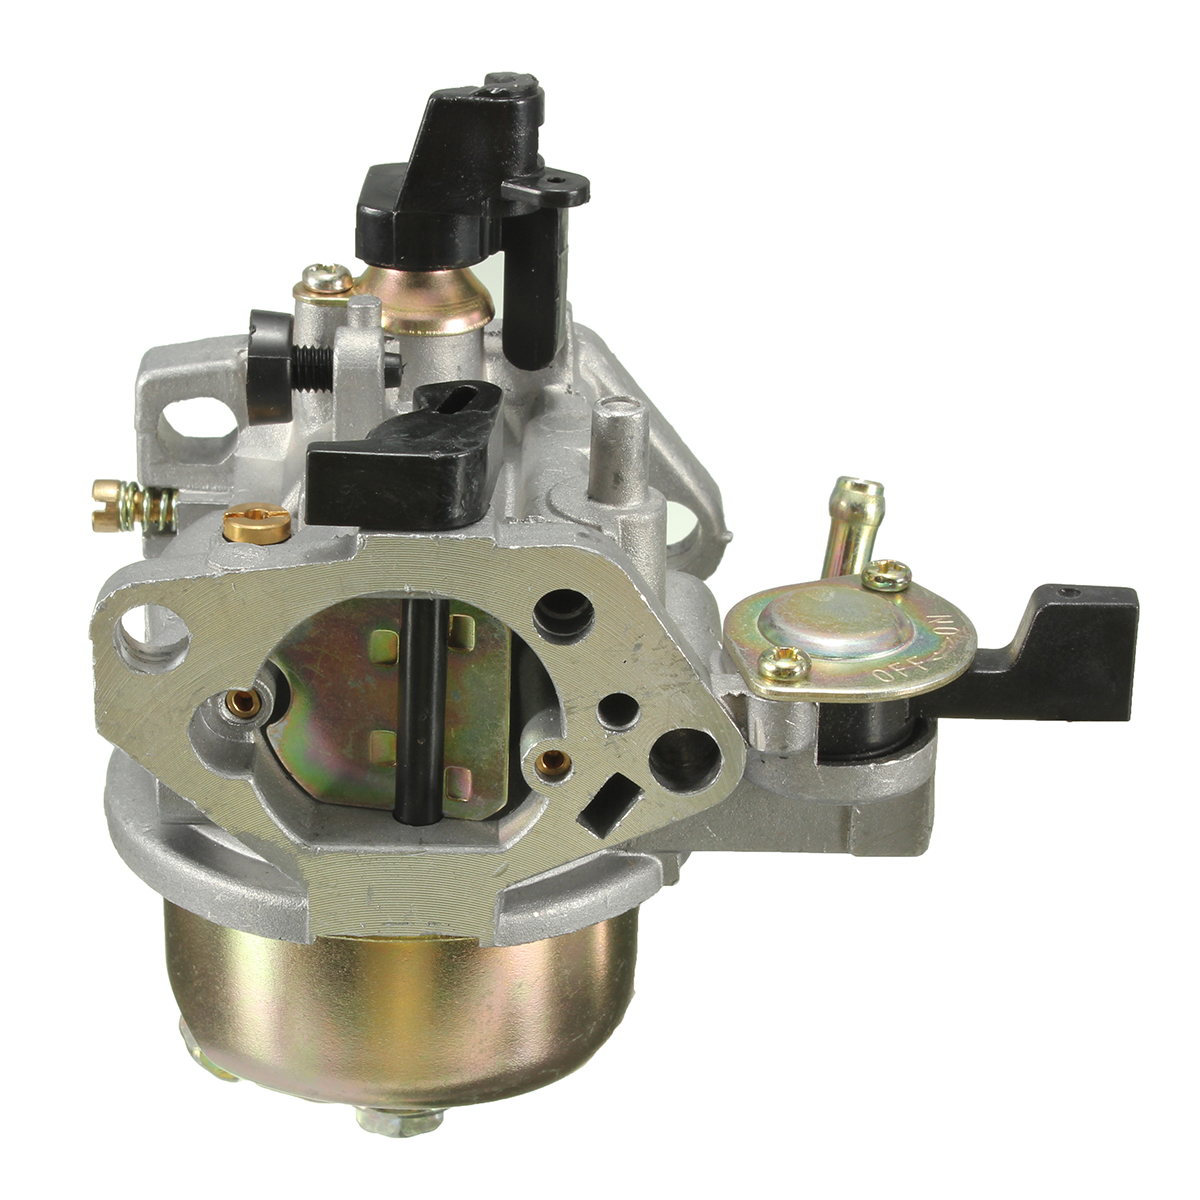 For Honda Gx390 13hp Engine With Gasket Pipe 16100-Zf6-V01 Adjustable Carburetor